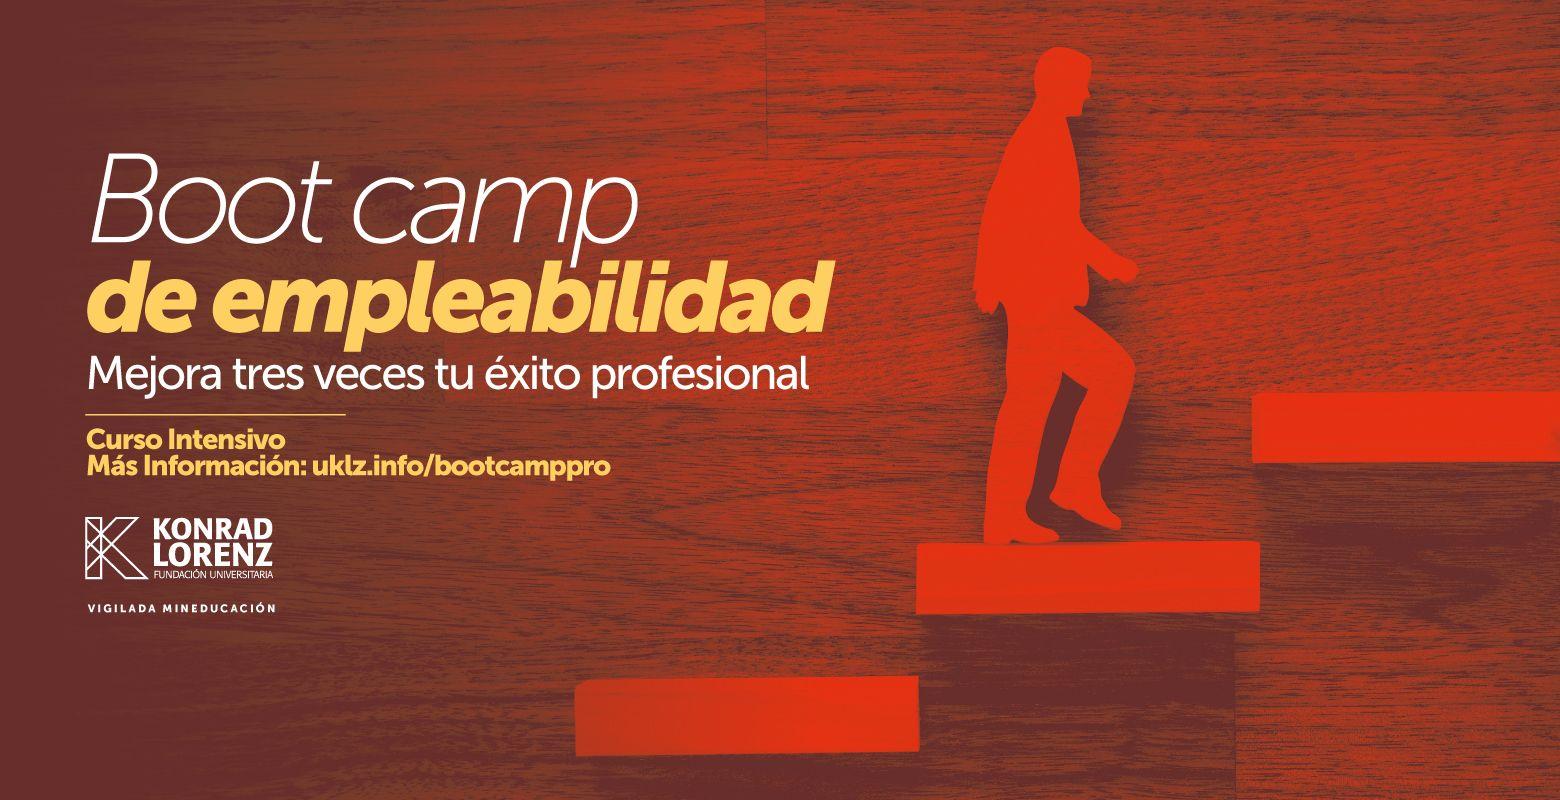 Curso Boot Camp de Empleabilidad. Mejora 3 veces tu éxito profesional